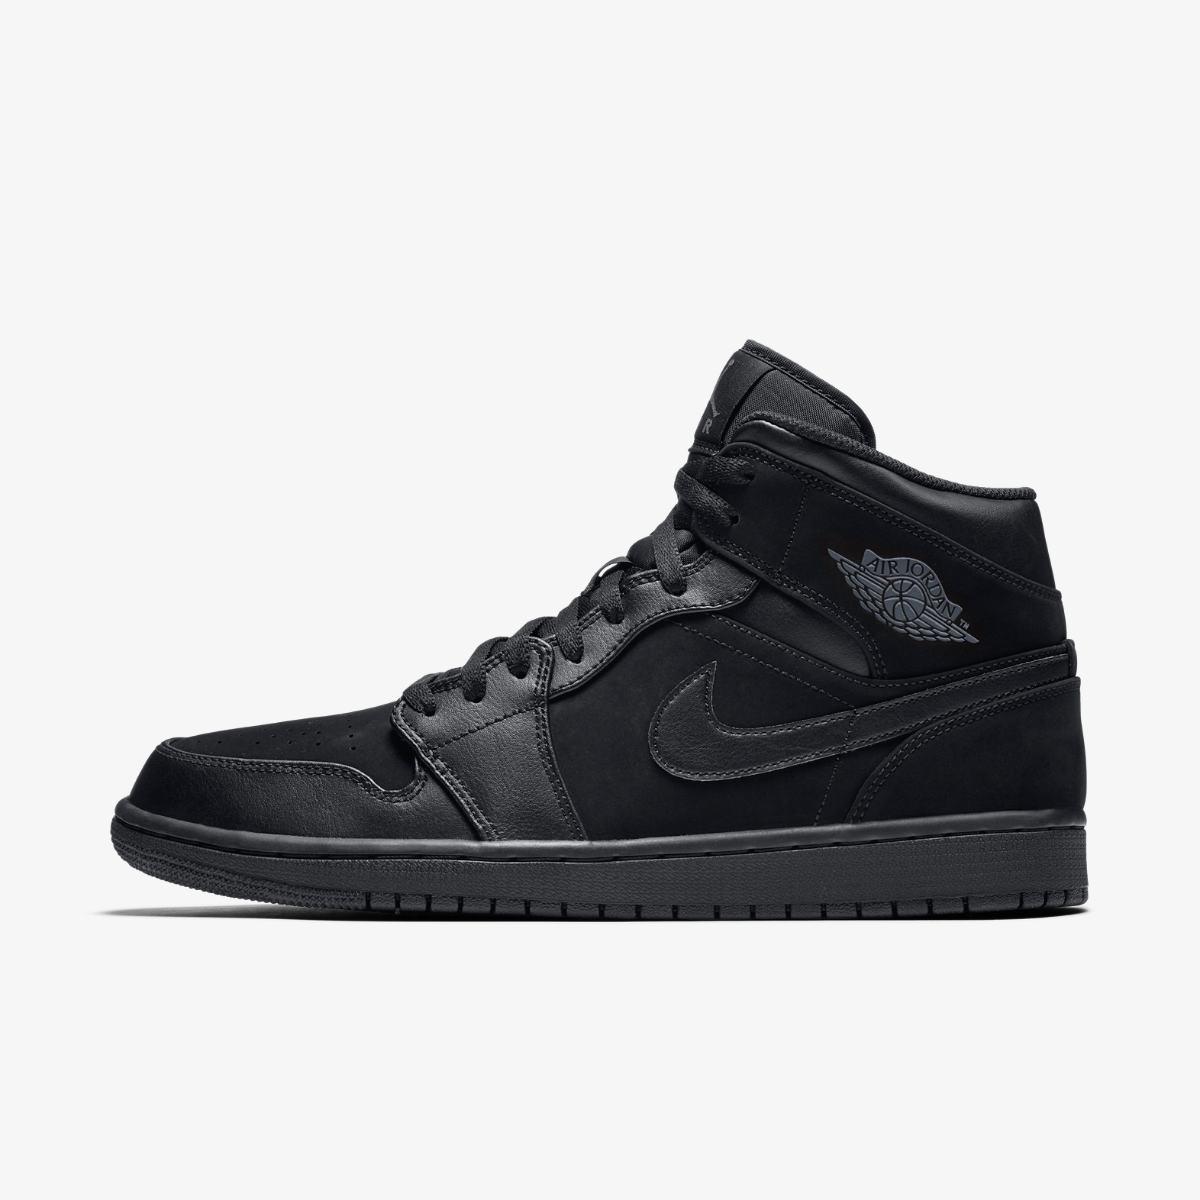 Кроссовки для баскетбола AIR JORDAN 1 MID 554724-050 купить ... 10614ea49d7